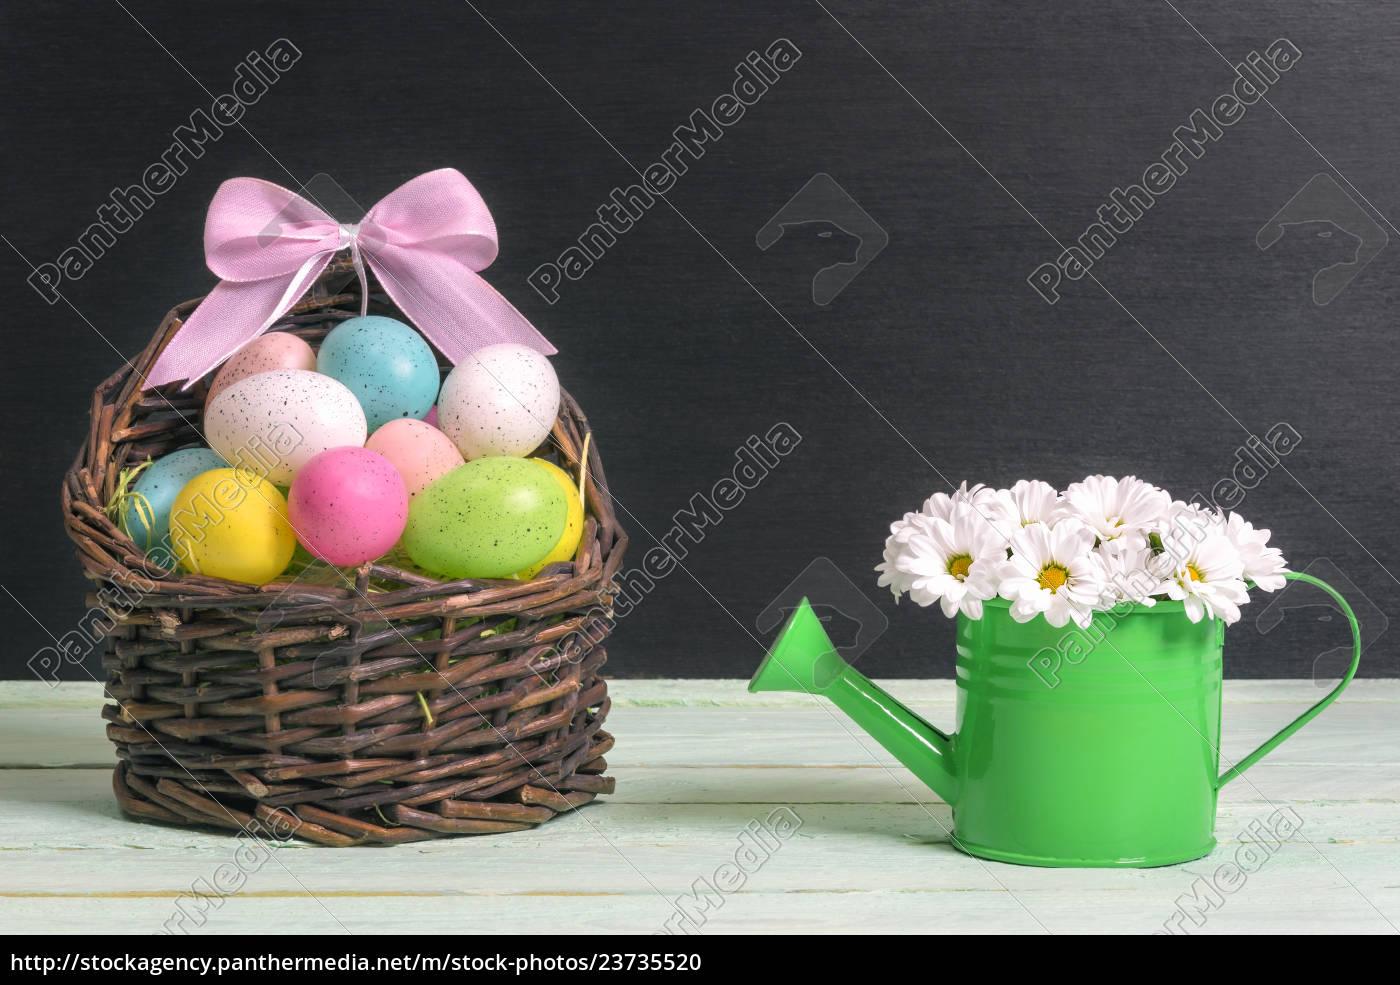 korb, mit, ostereiern, und, einem, gänseblümchenblumenstrauß - 23735520